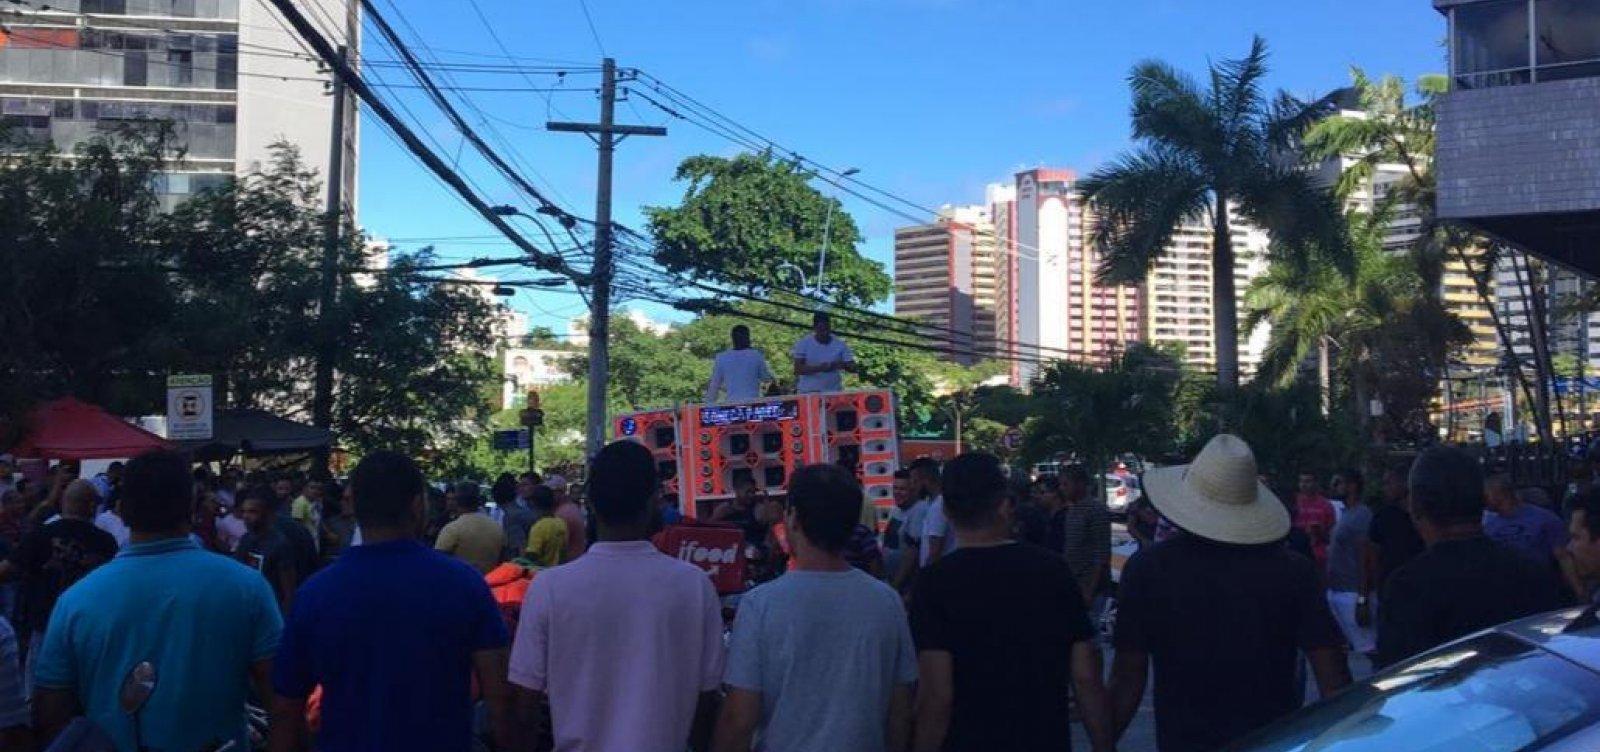 [Manifestantes travam Avenida Tancredo Neves em ato em frente ao Uber]